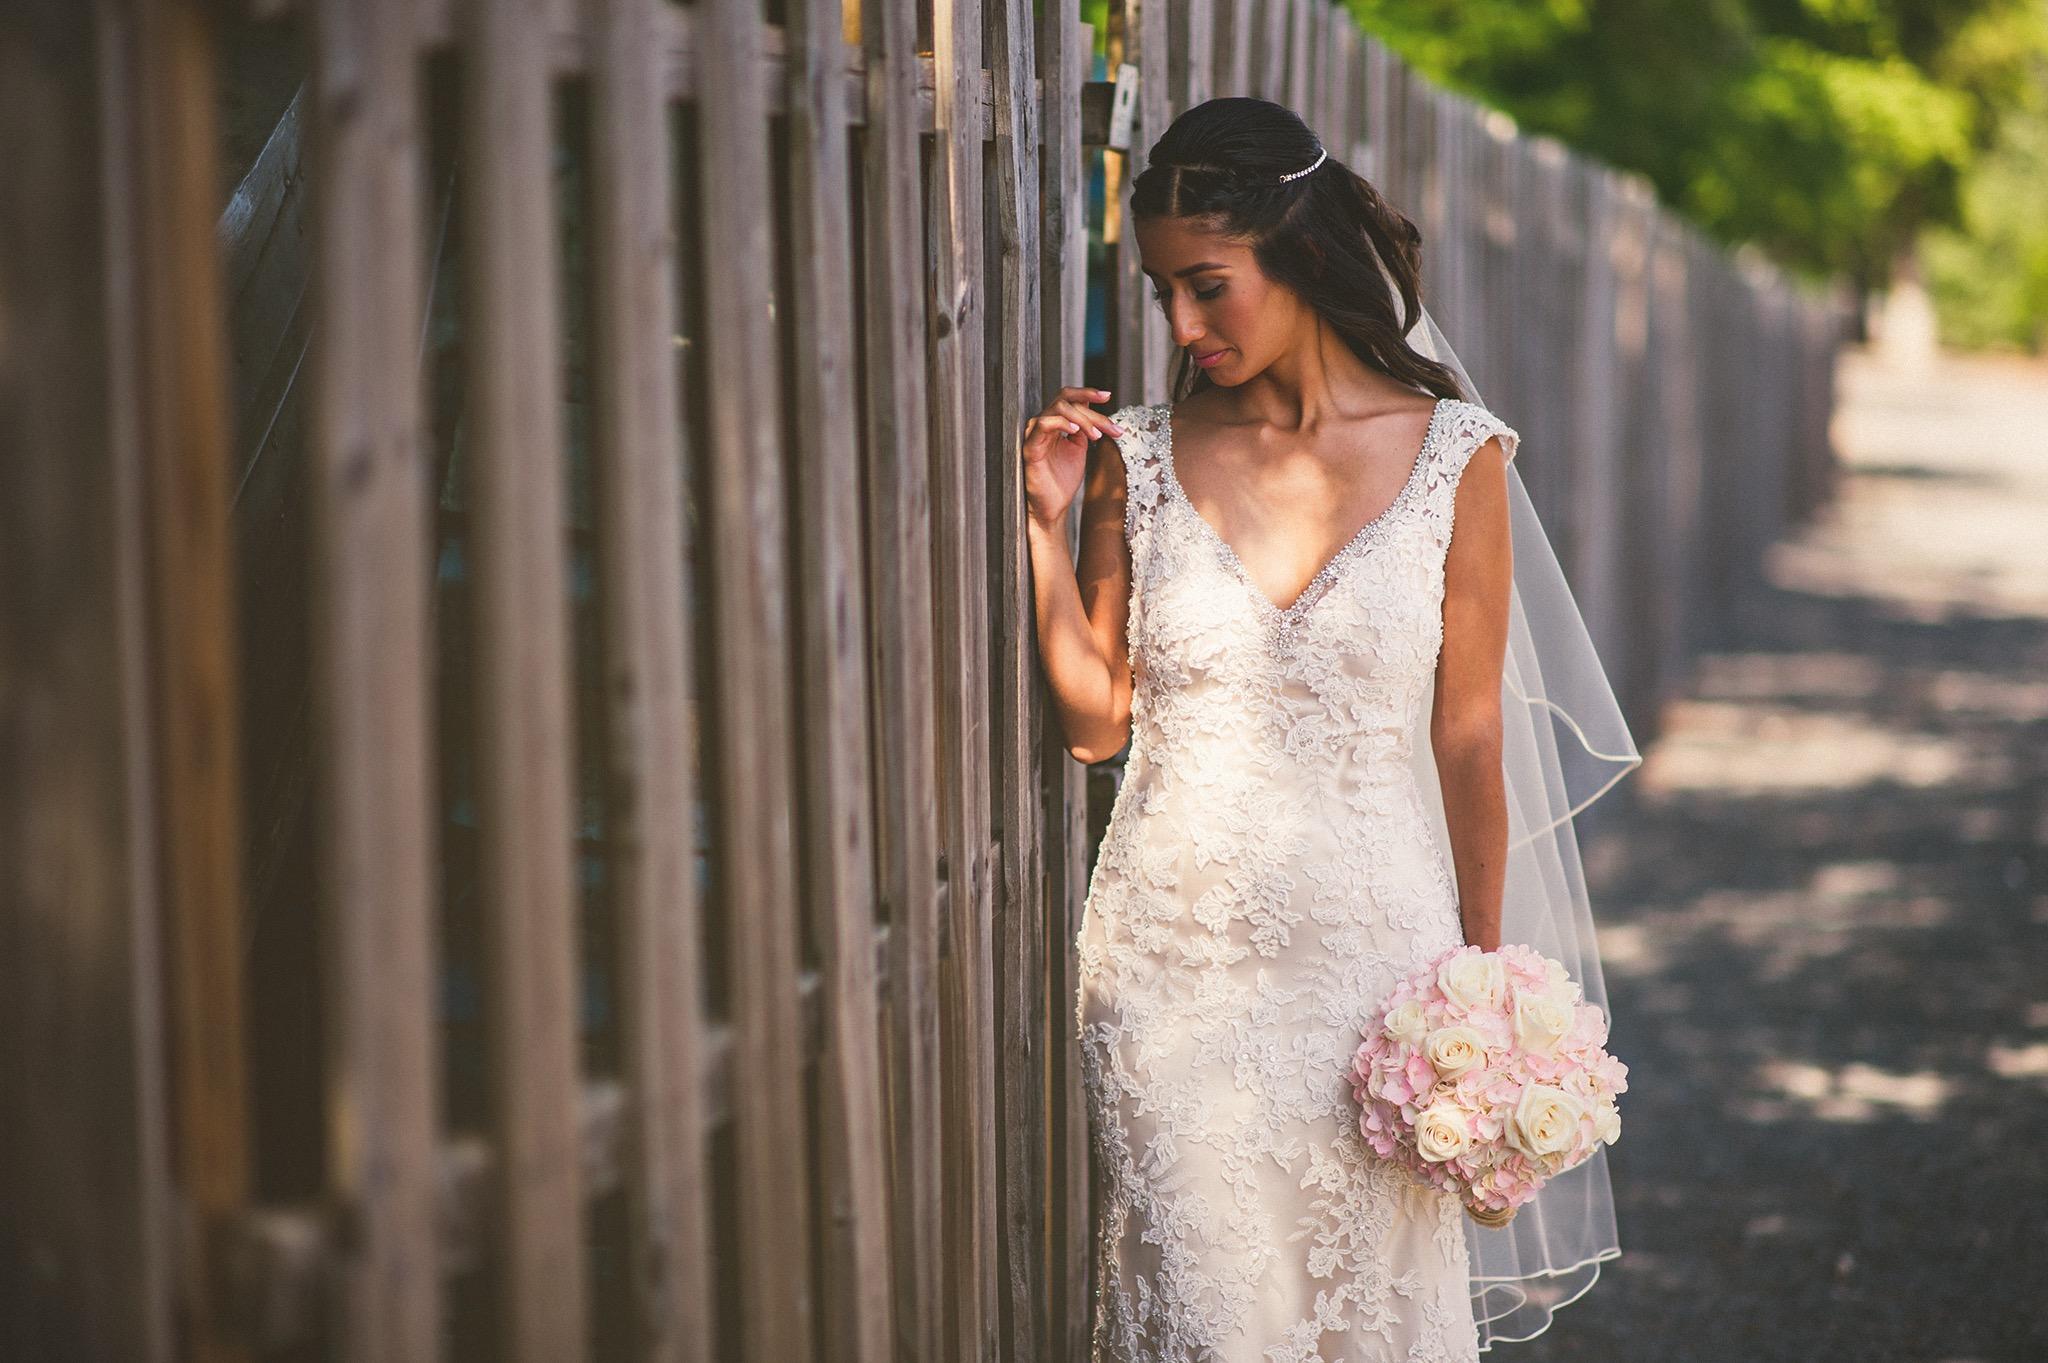 25-bride-at-smithville-inn.jpg